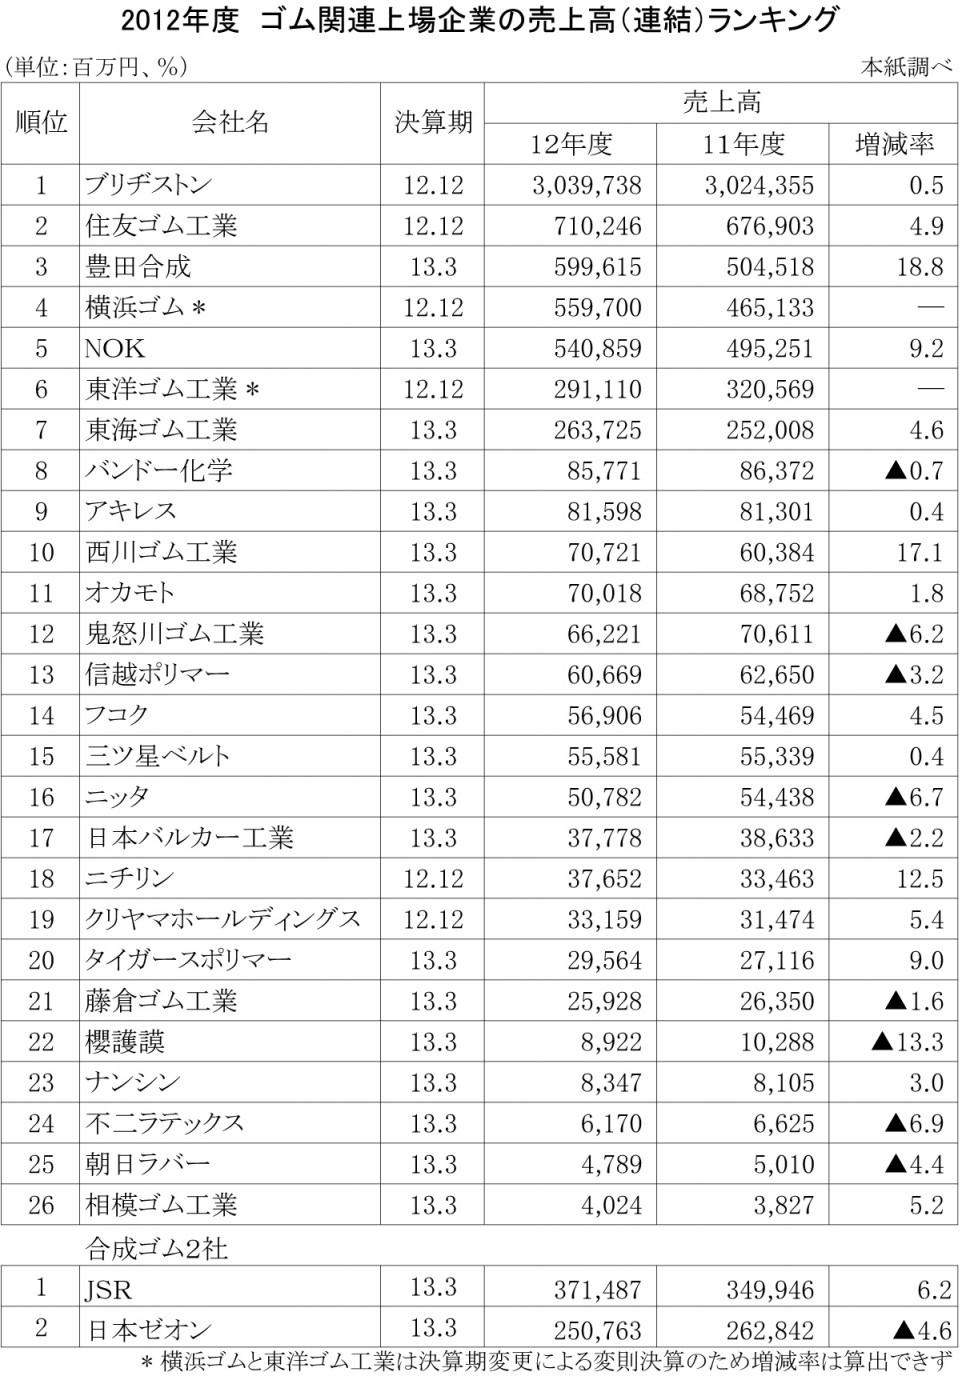 2012年度ゴム関連企業の売上高ランキング (売上高のみ)